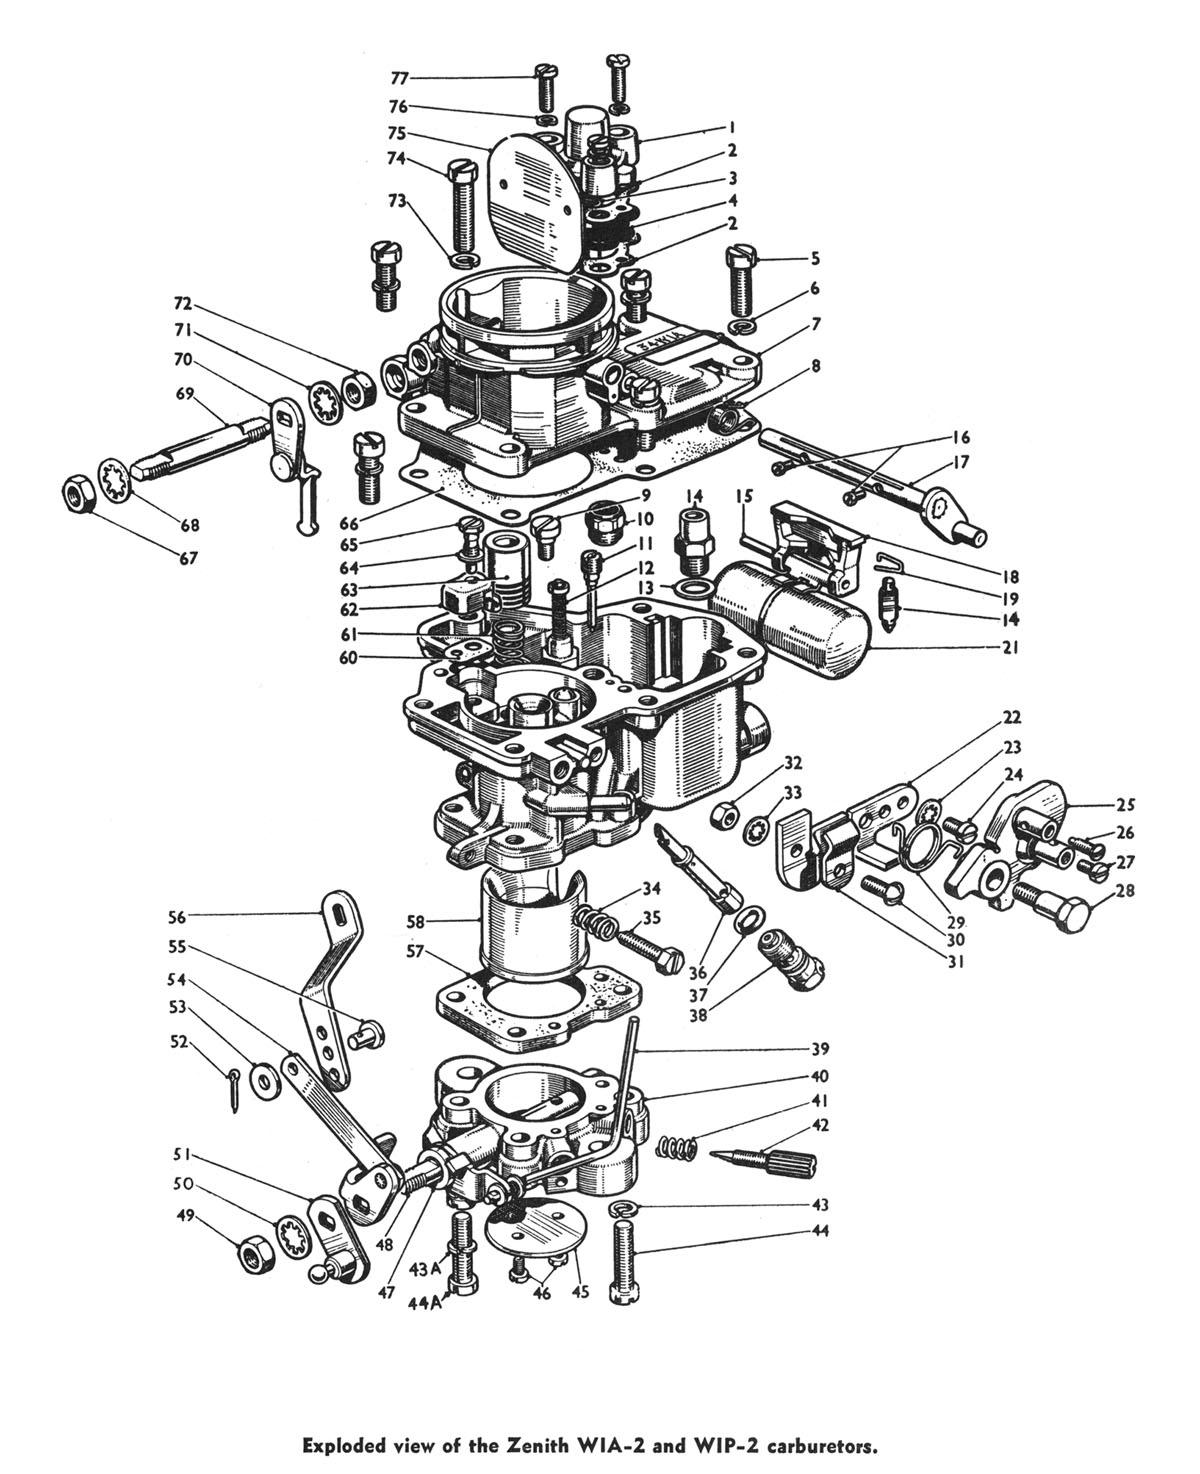 Ajuste De Motor Despiece Carburador Zenith Wia 2